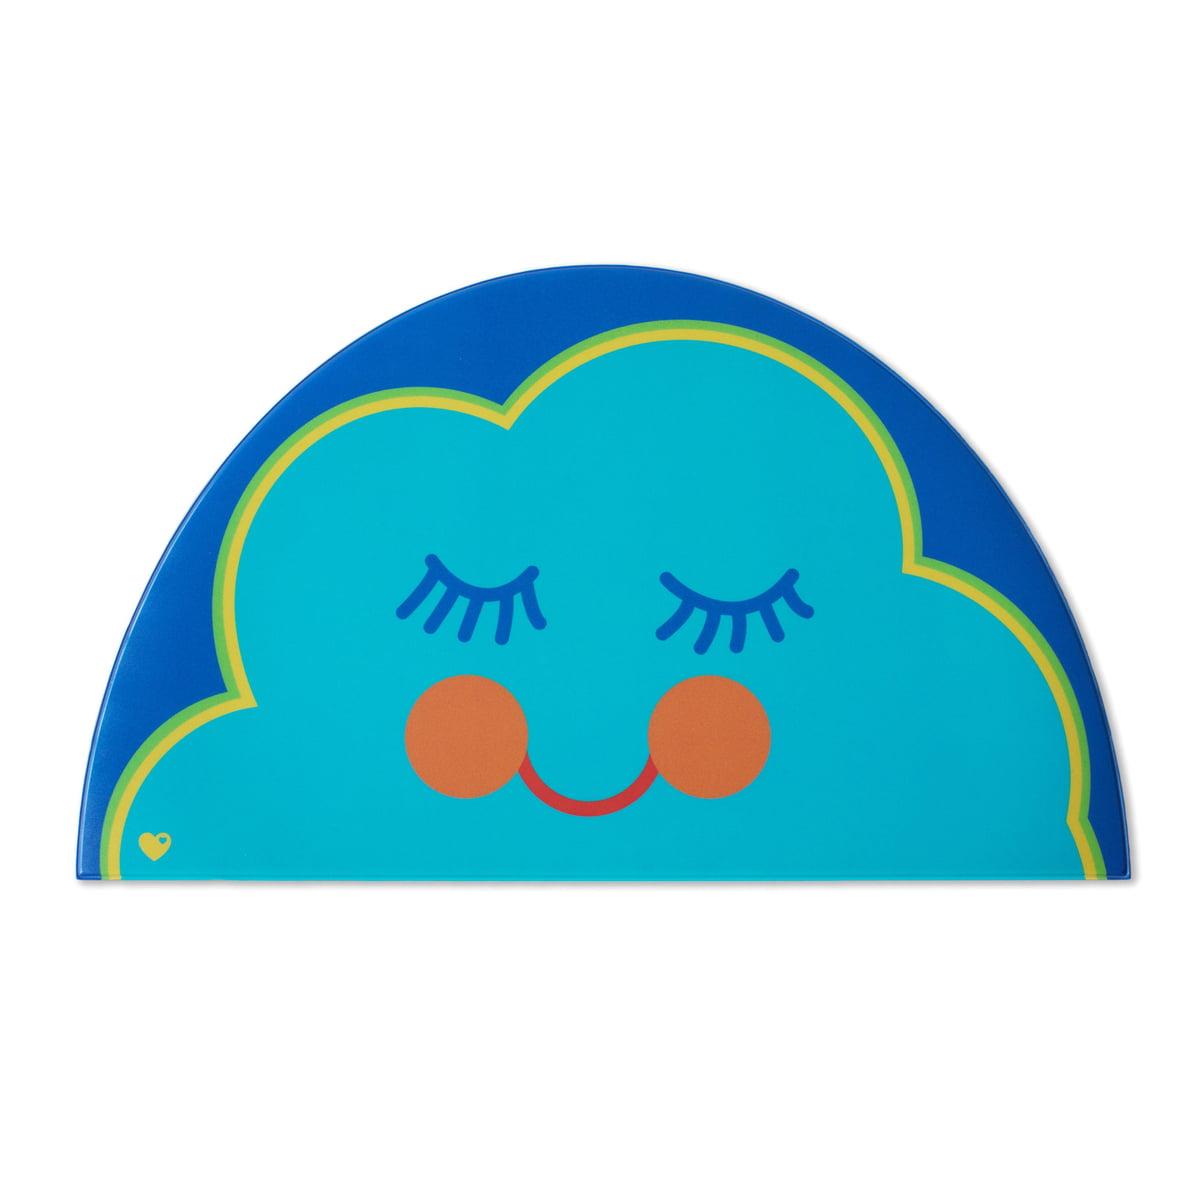 byGraziela - Kinder Tischset, Wolke   Kinderzimmer > Kindertische   Blau   byGraziela